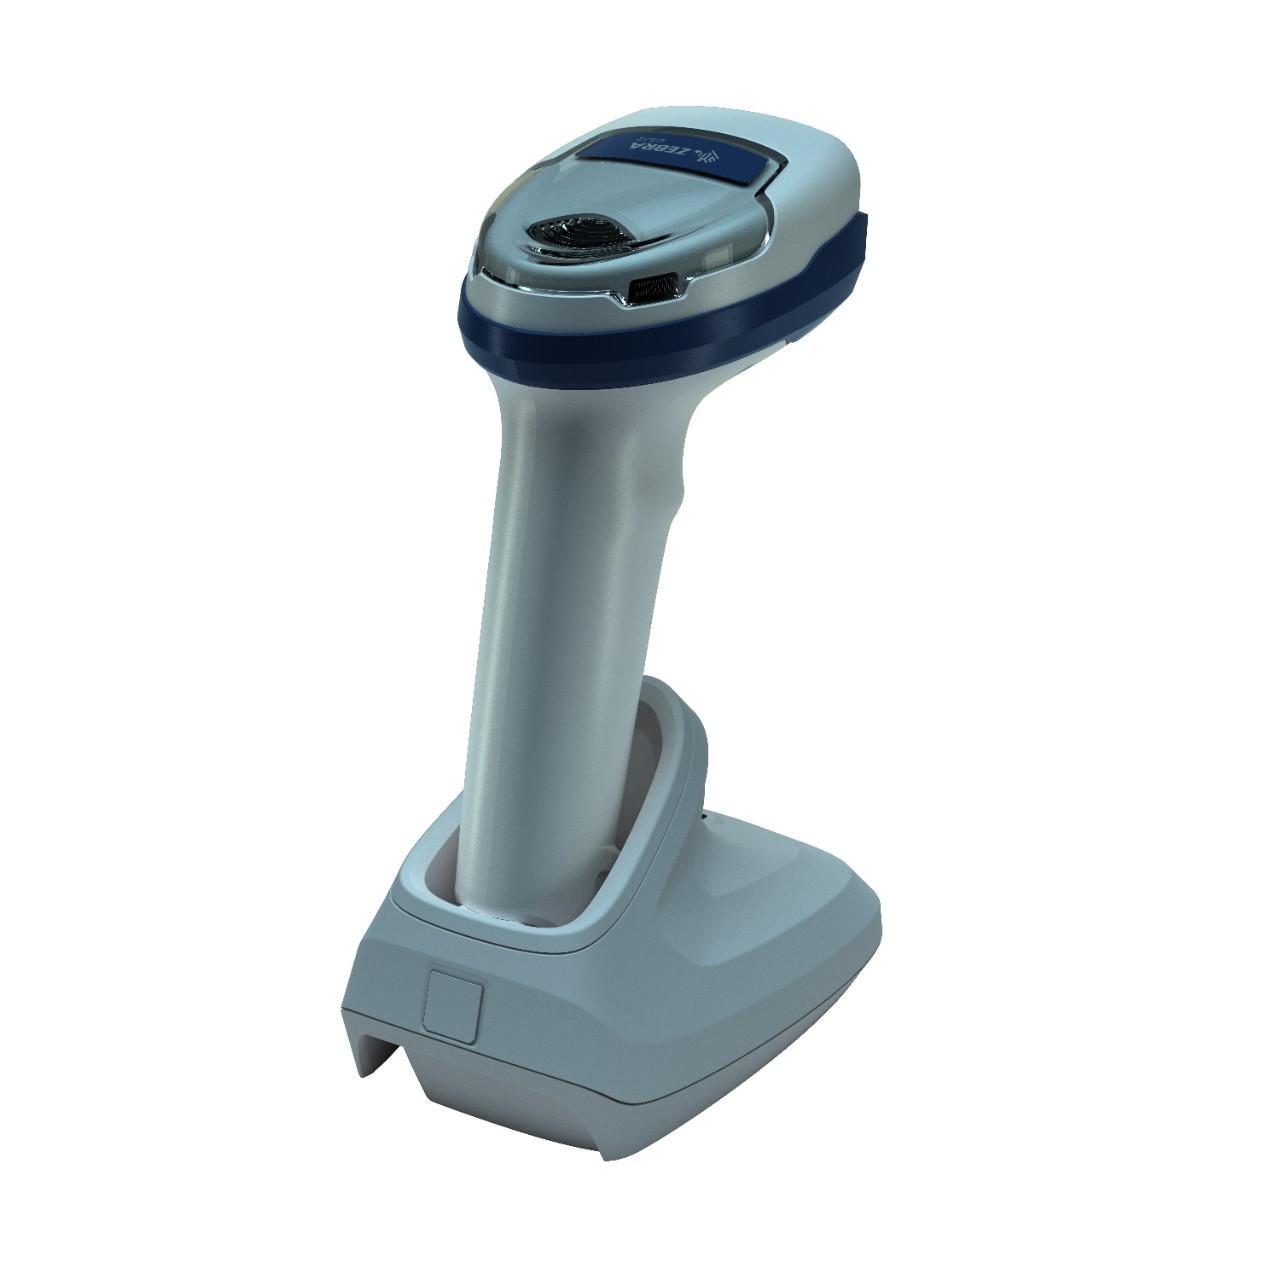 безжичен бял баркод скенер Zebra DS2278 Bluetooth със стойка поглед отзад страничен